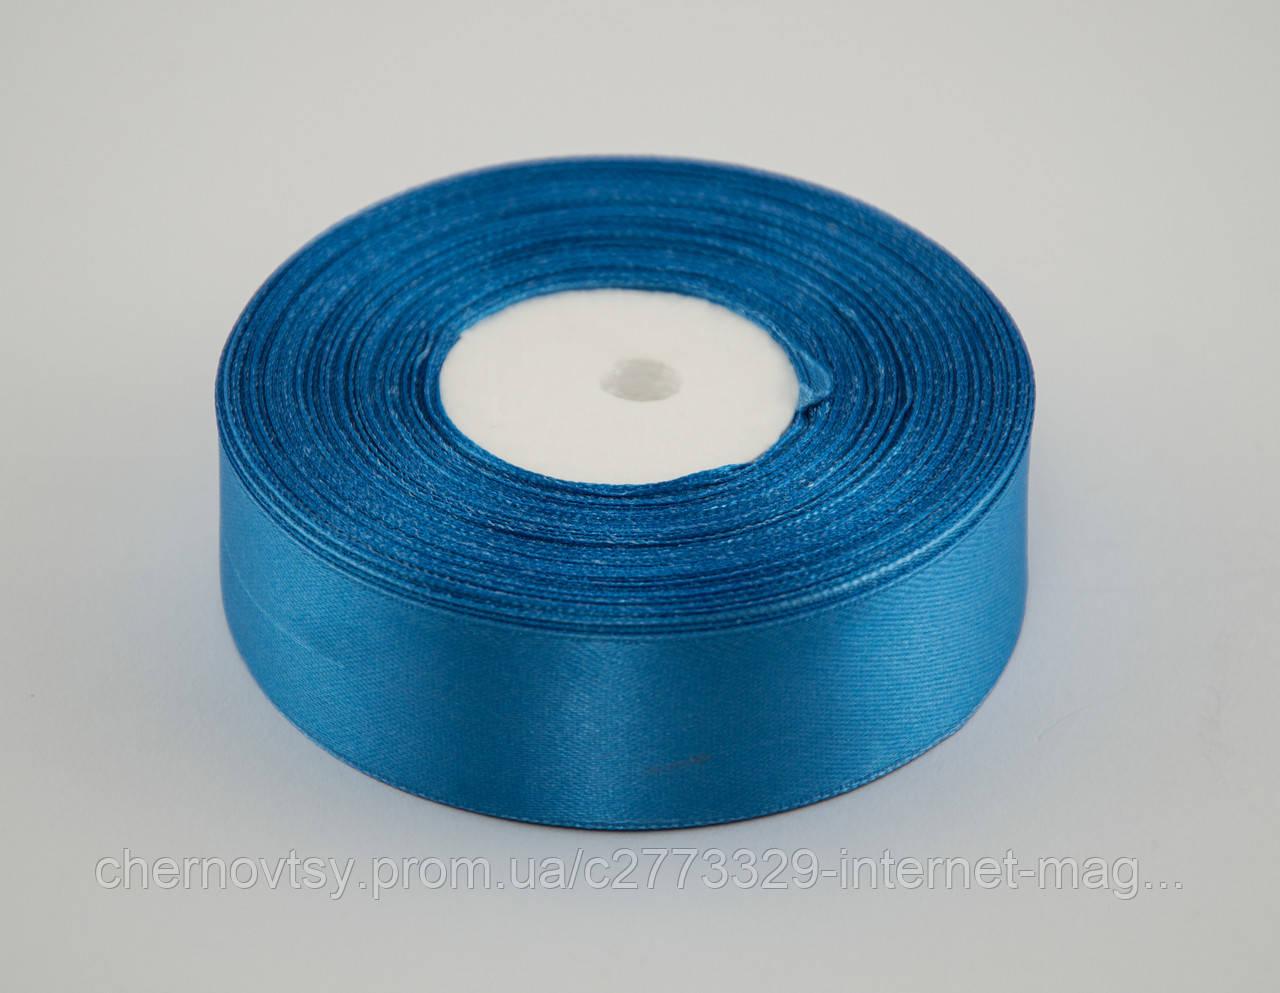 Стрічка атлас 2 см, 33 м, № 36 Яскраво-блакитна